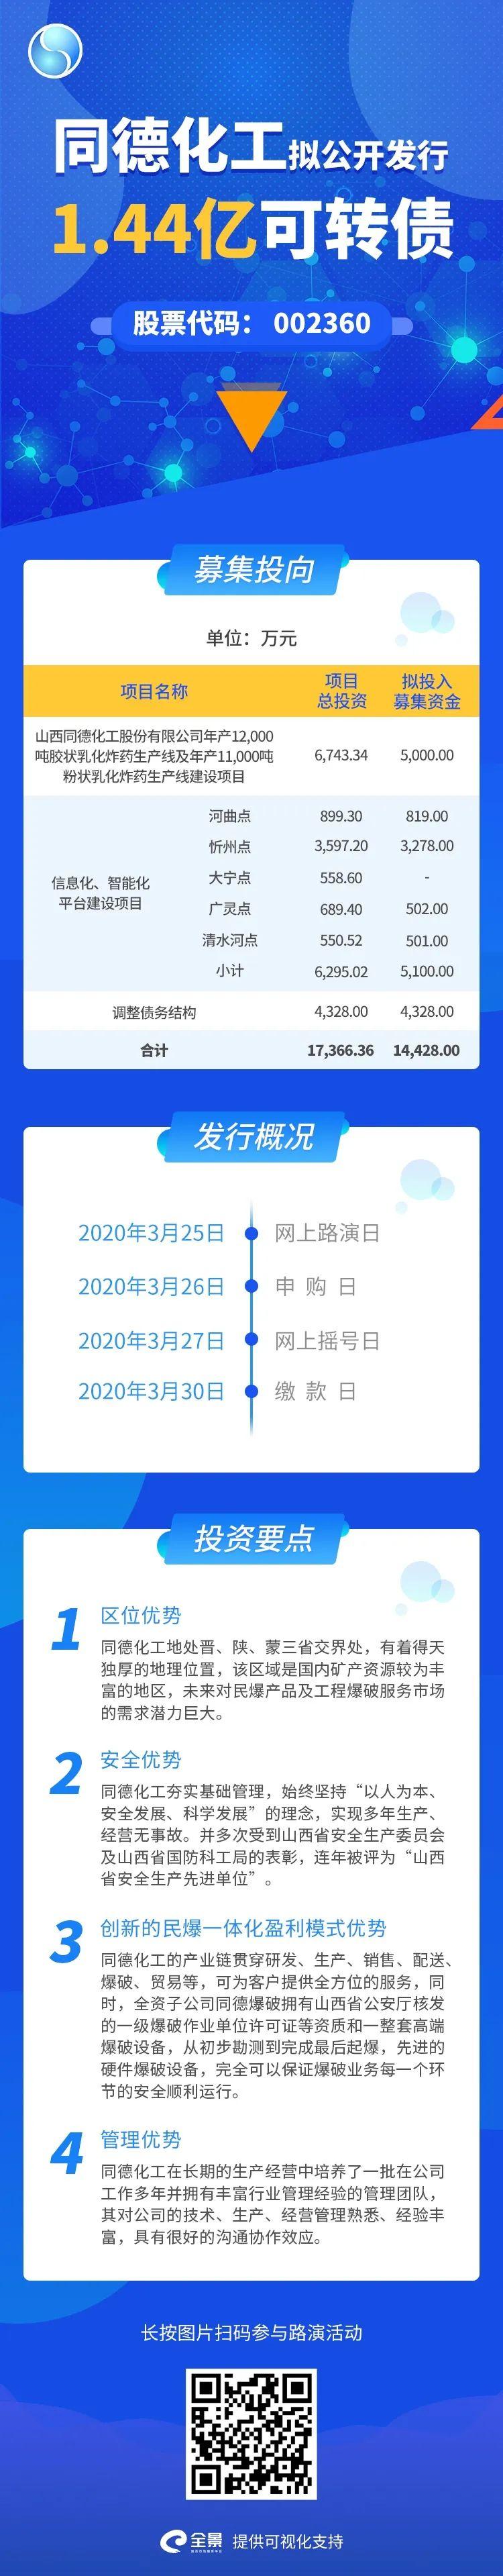 同德化工(002360):可转债发行网上路演丨3月25日 10:00-12:00